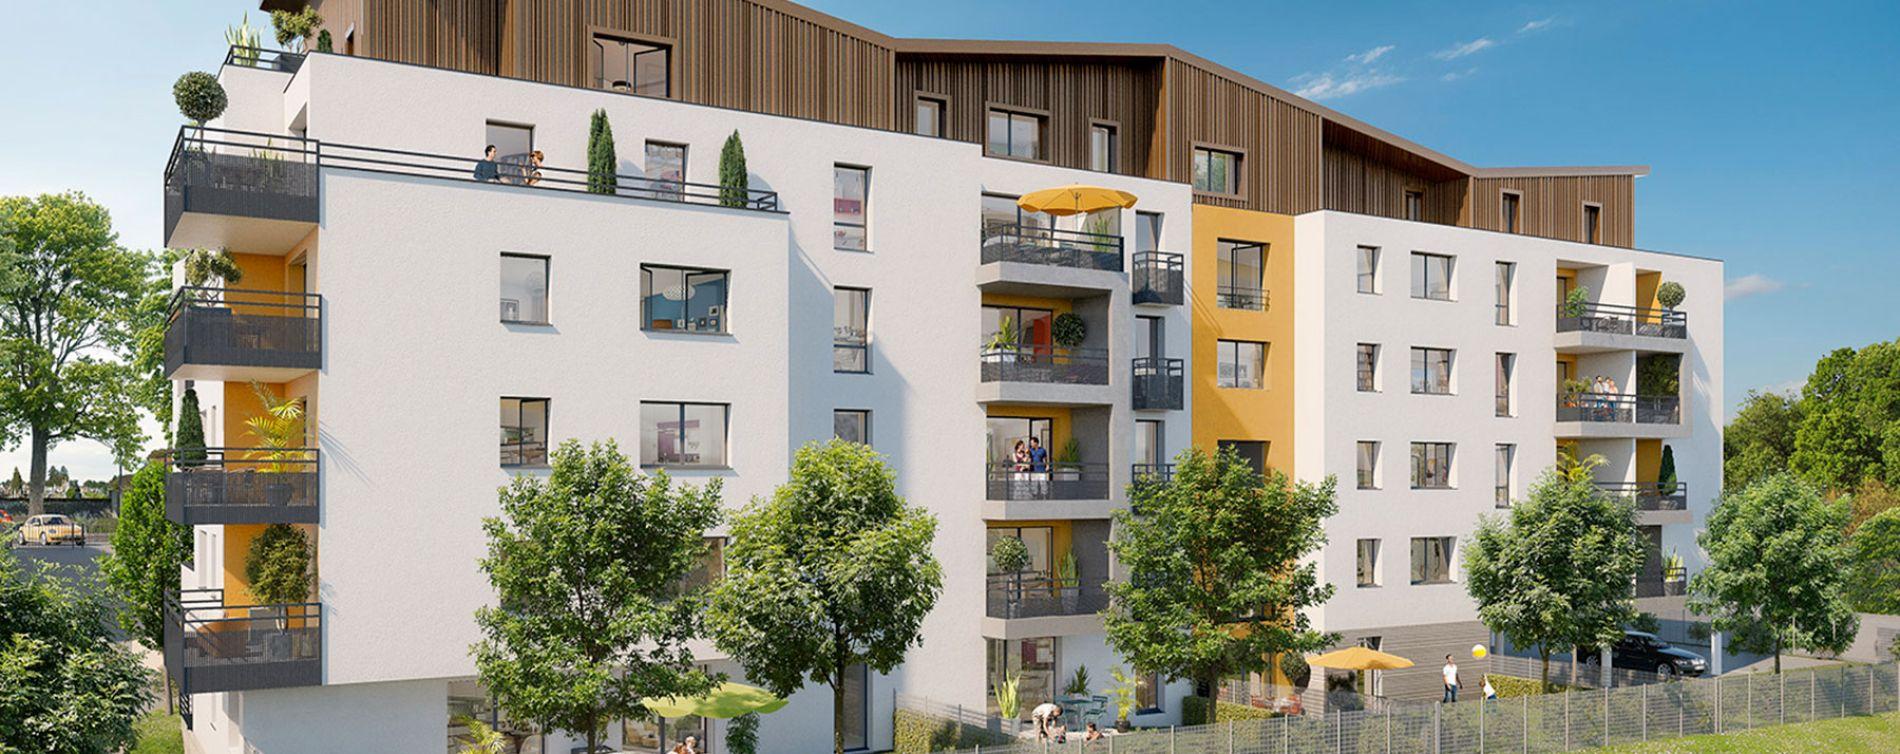 Résidence Connexion 117 à Metz